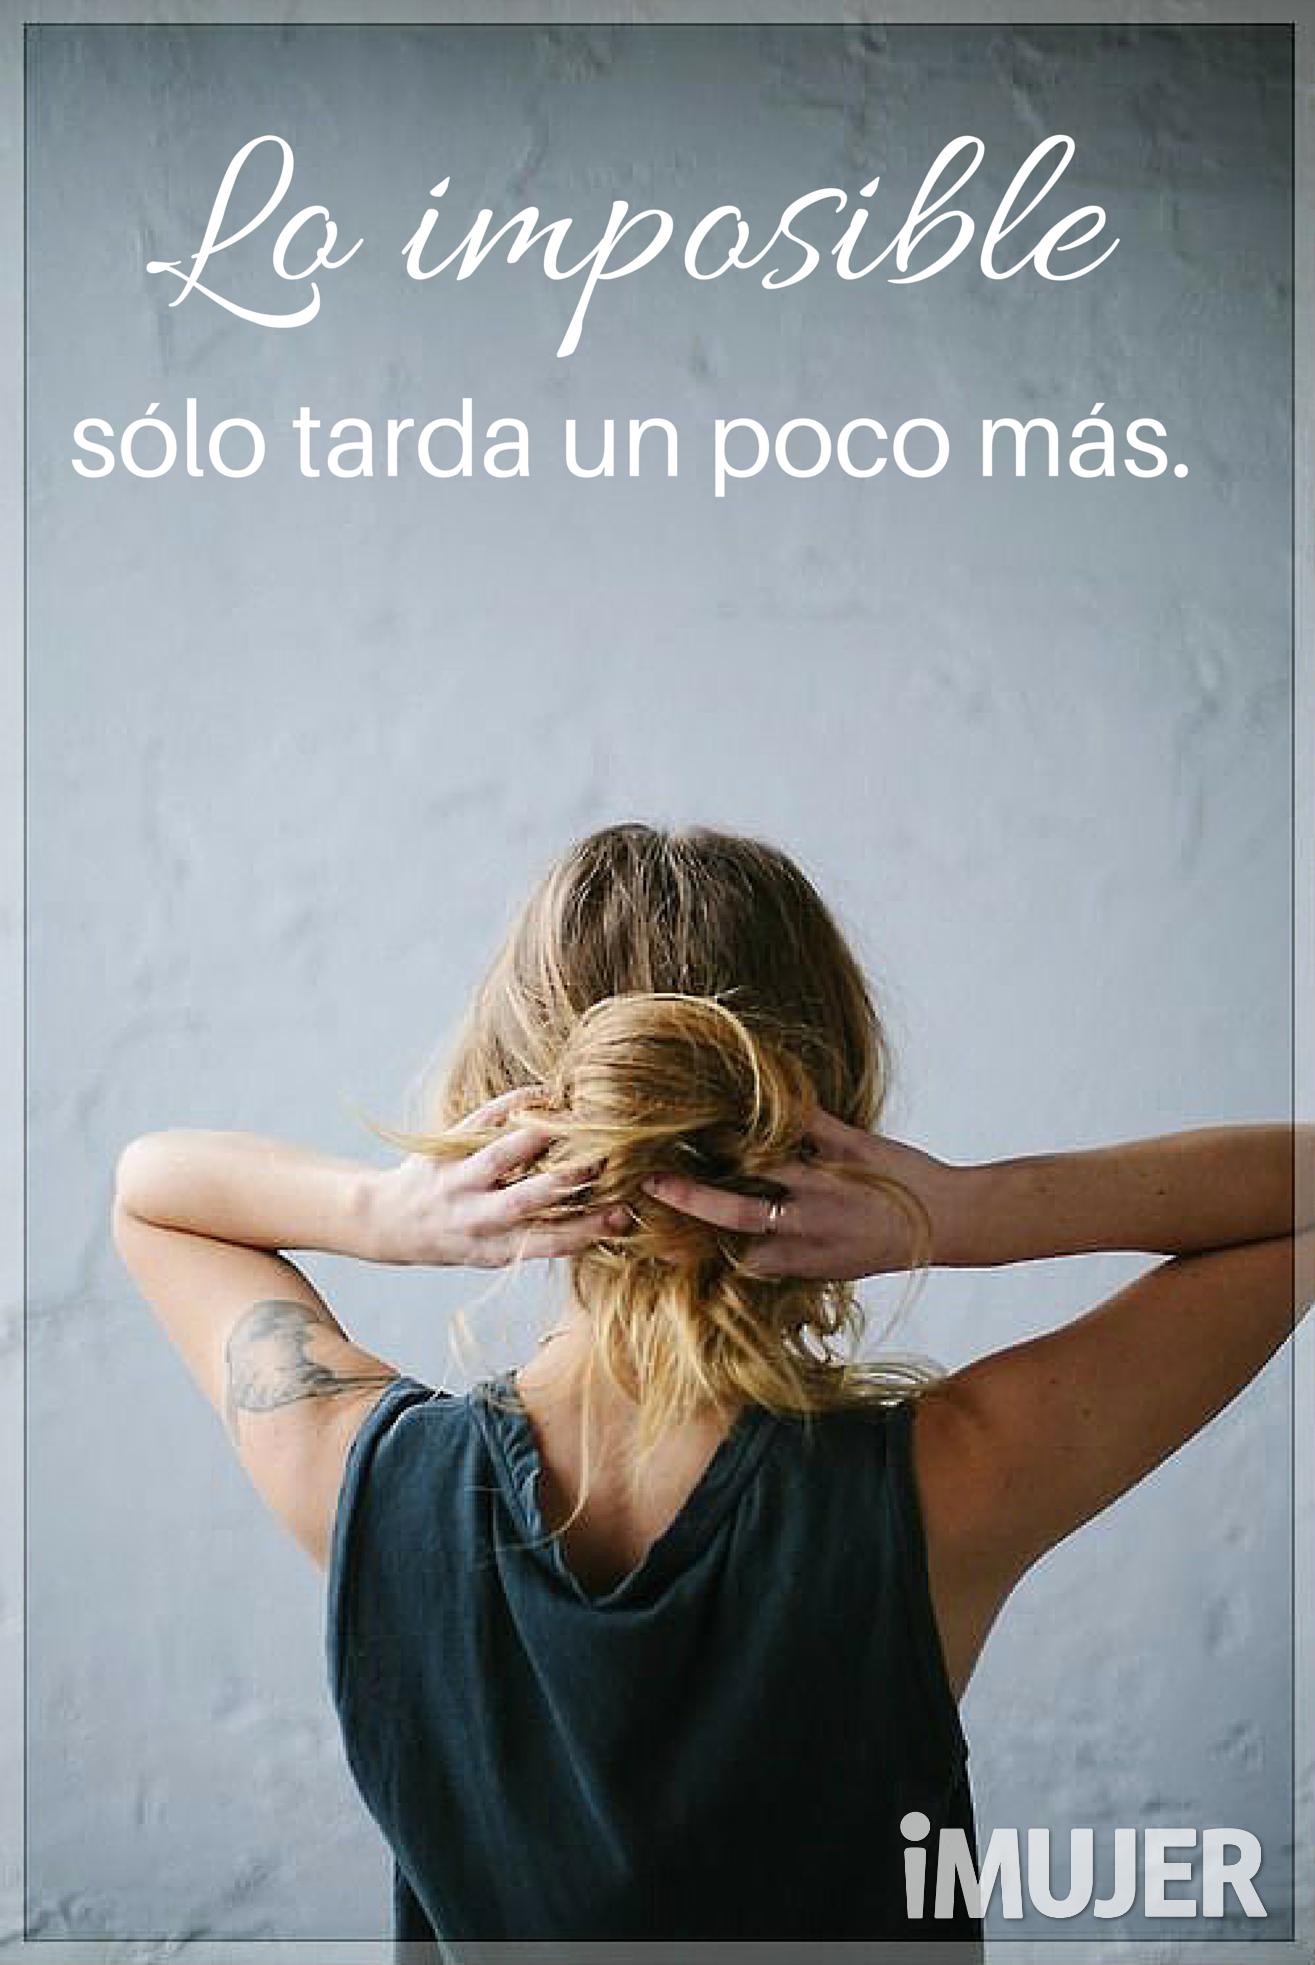 #Frases Lo #imposible sólo tarde un poco más.